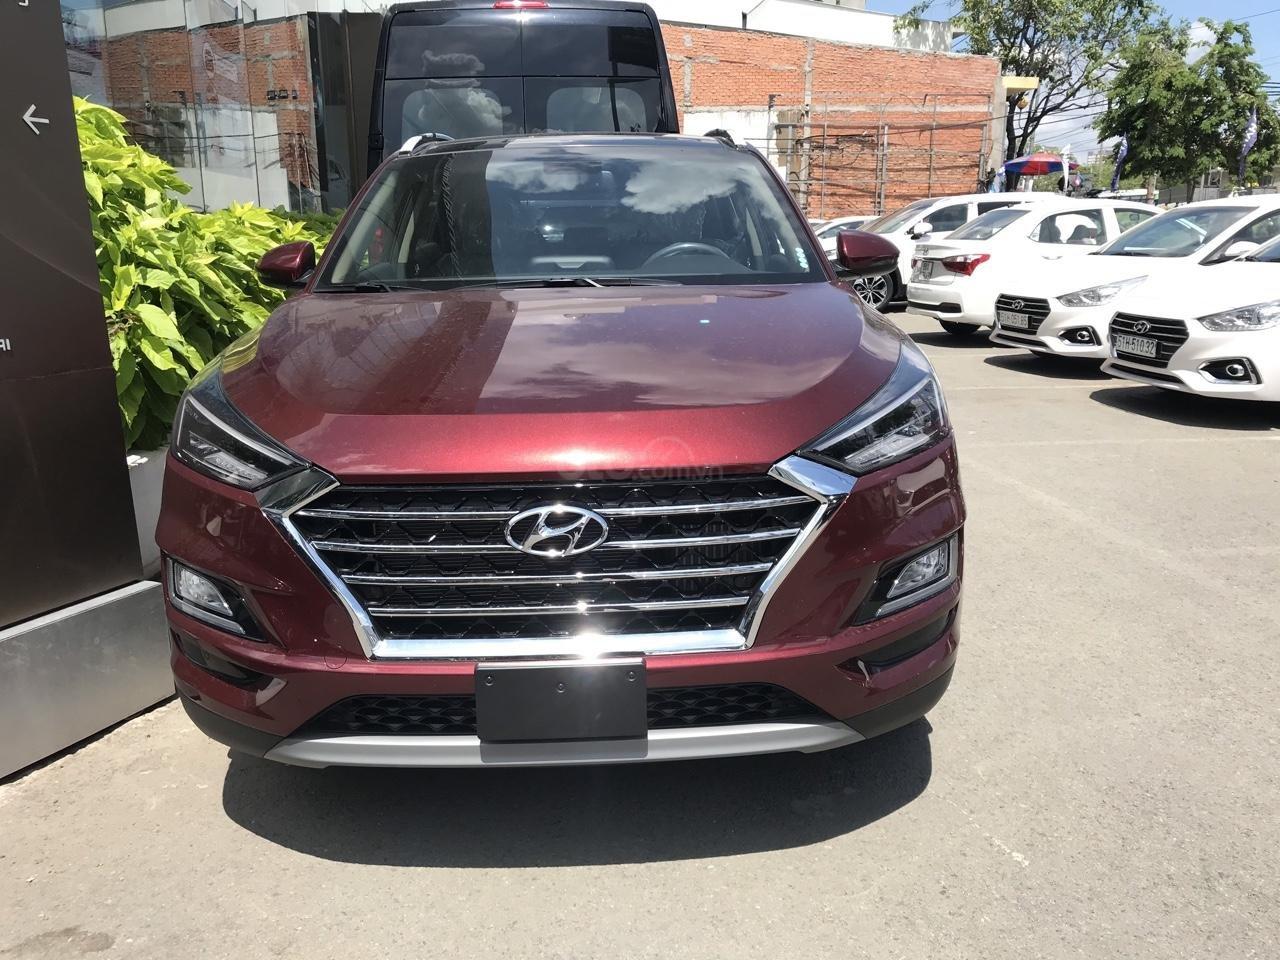 Bán Hyundai Tucson 2.0 full xăng 2019, màu đỏ, giao ngay, tặng bộ phụ kiện cao cấp. LH: 0977 139 312 (1)